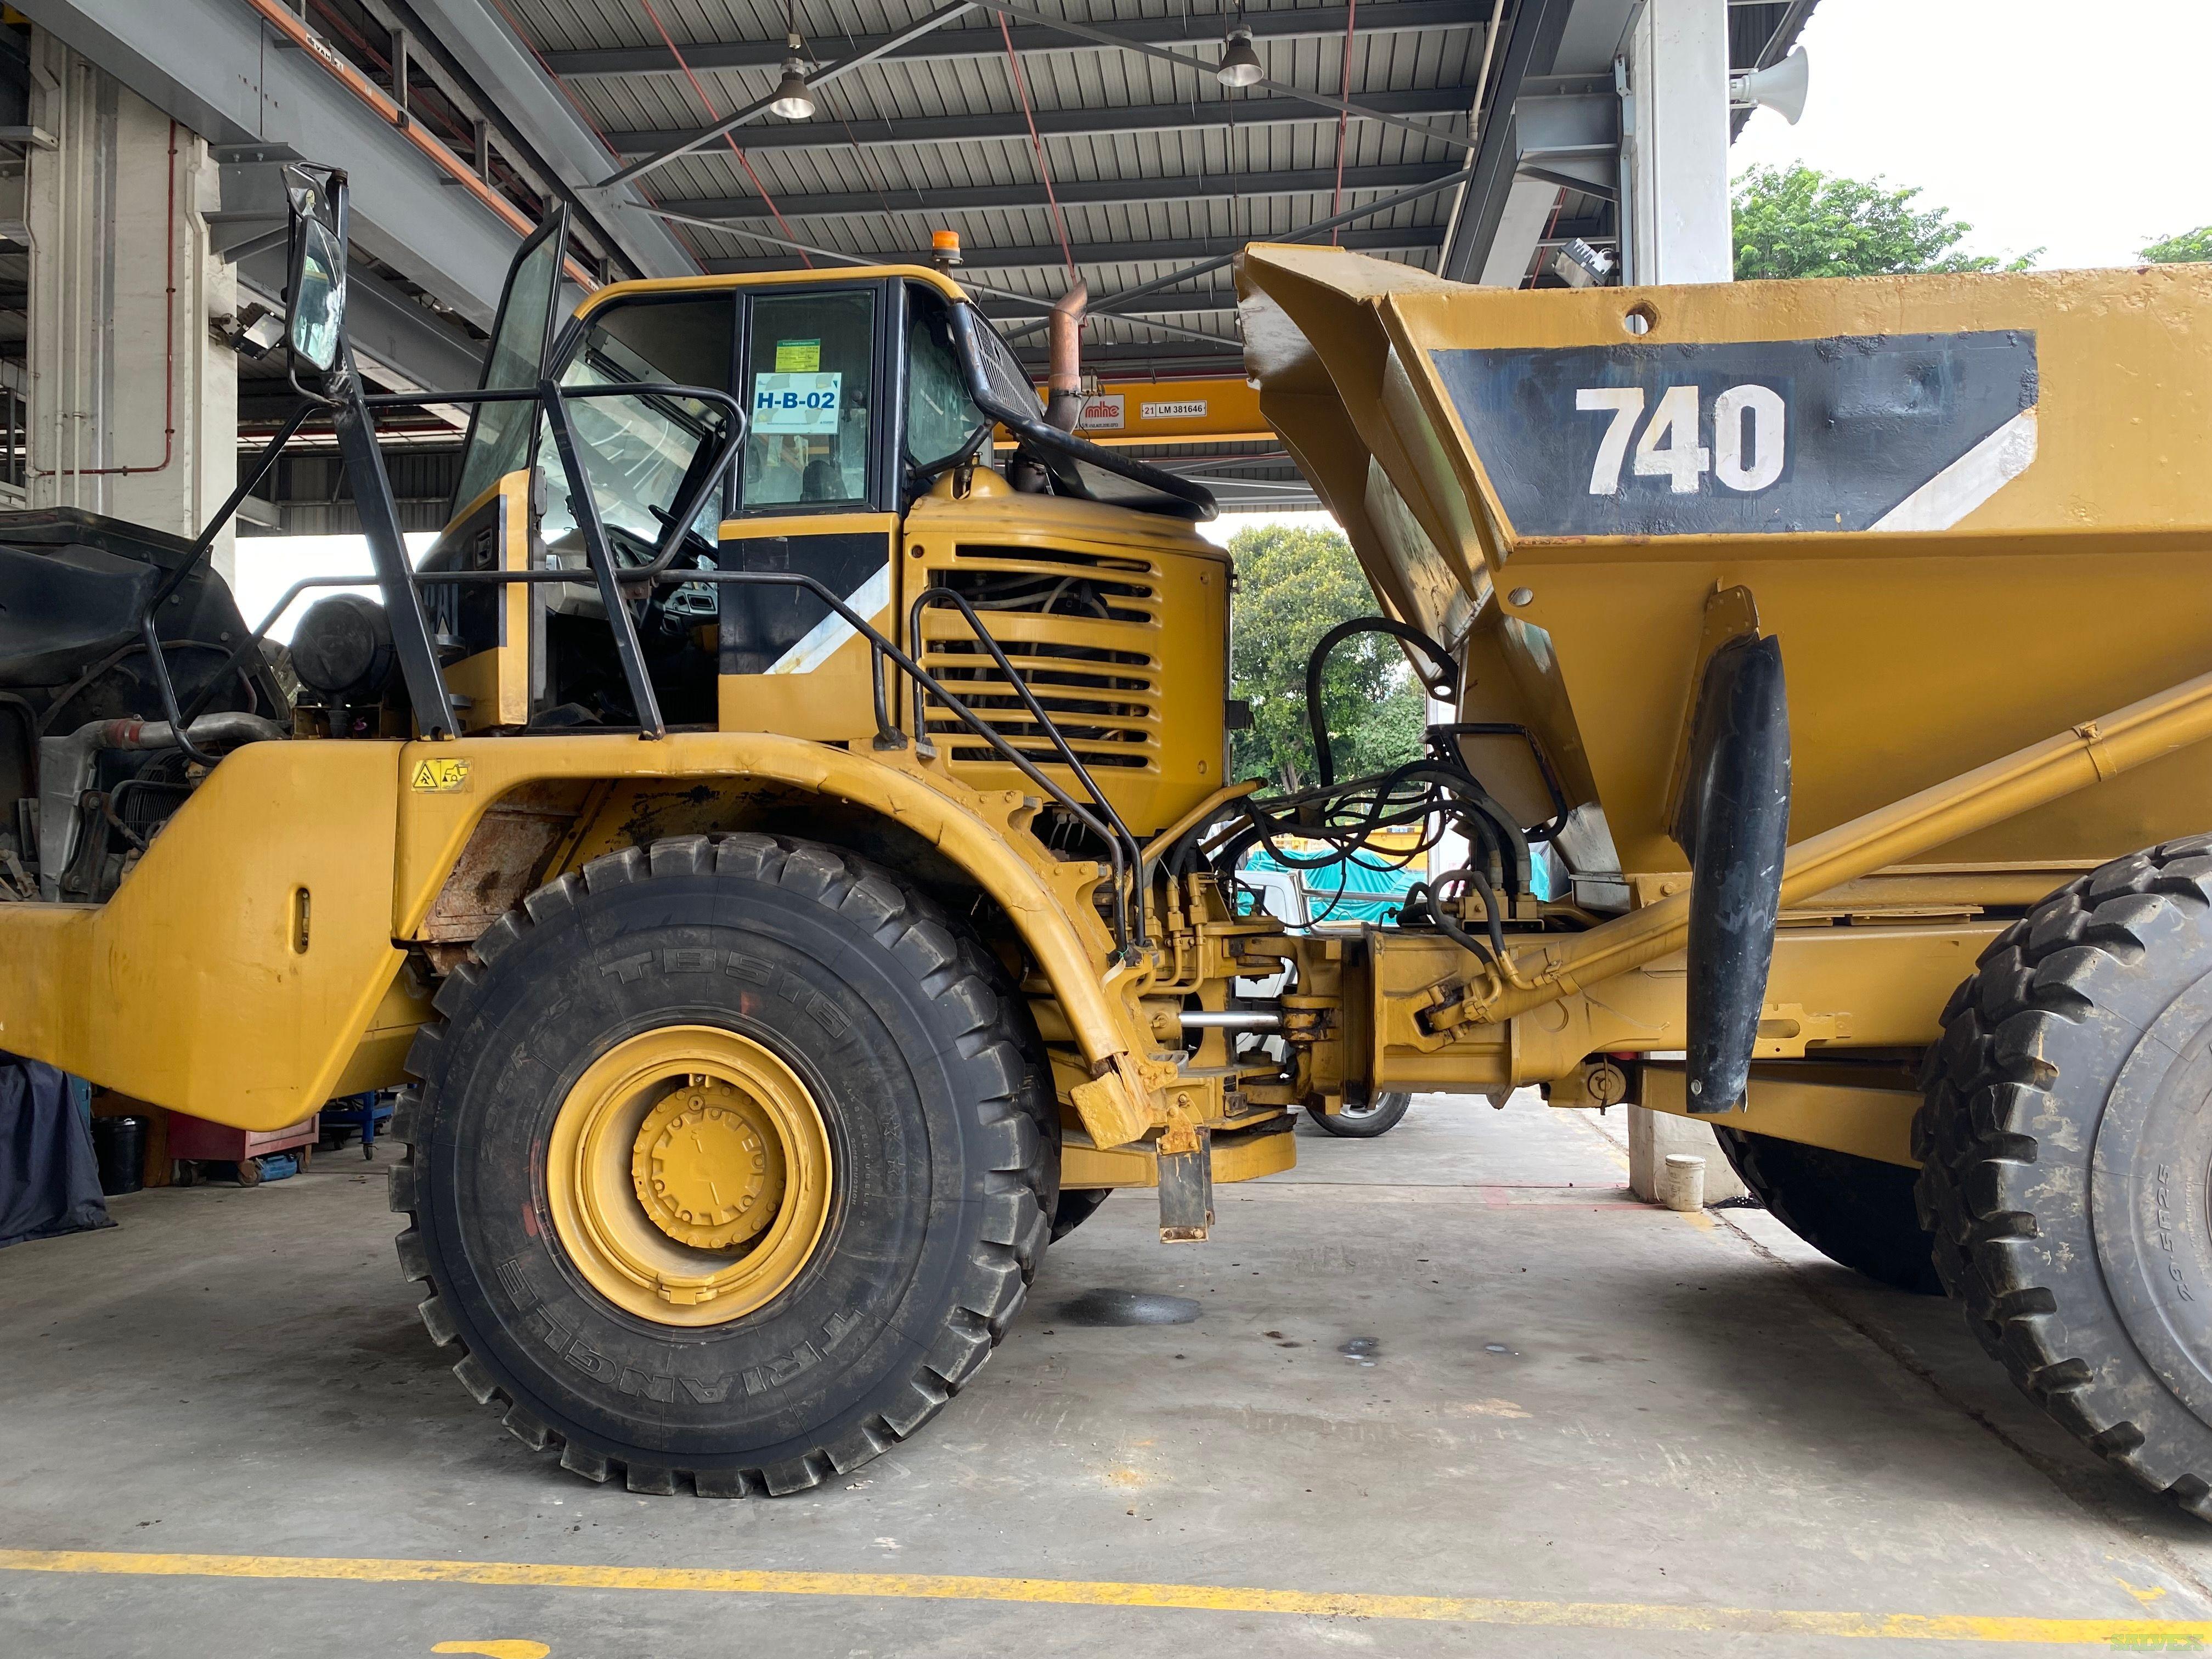 CAT 740 EJ Articulated Dump Truck 2008